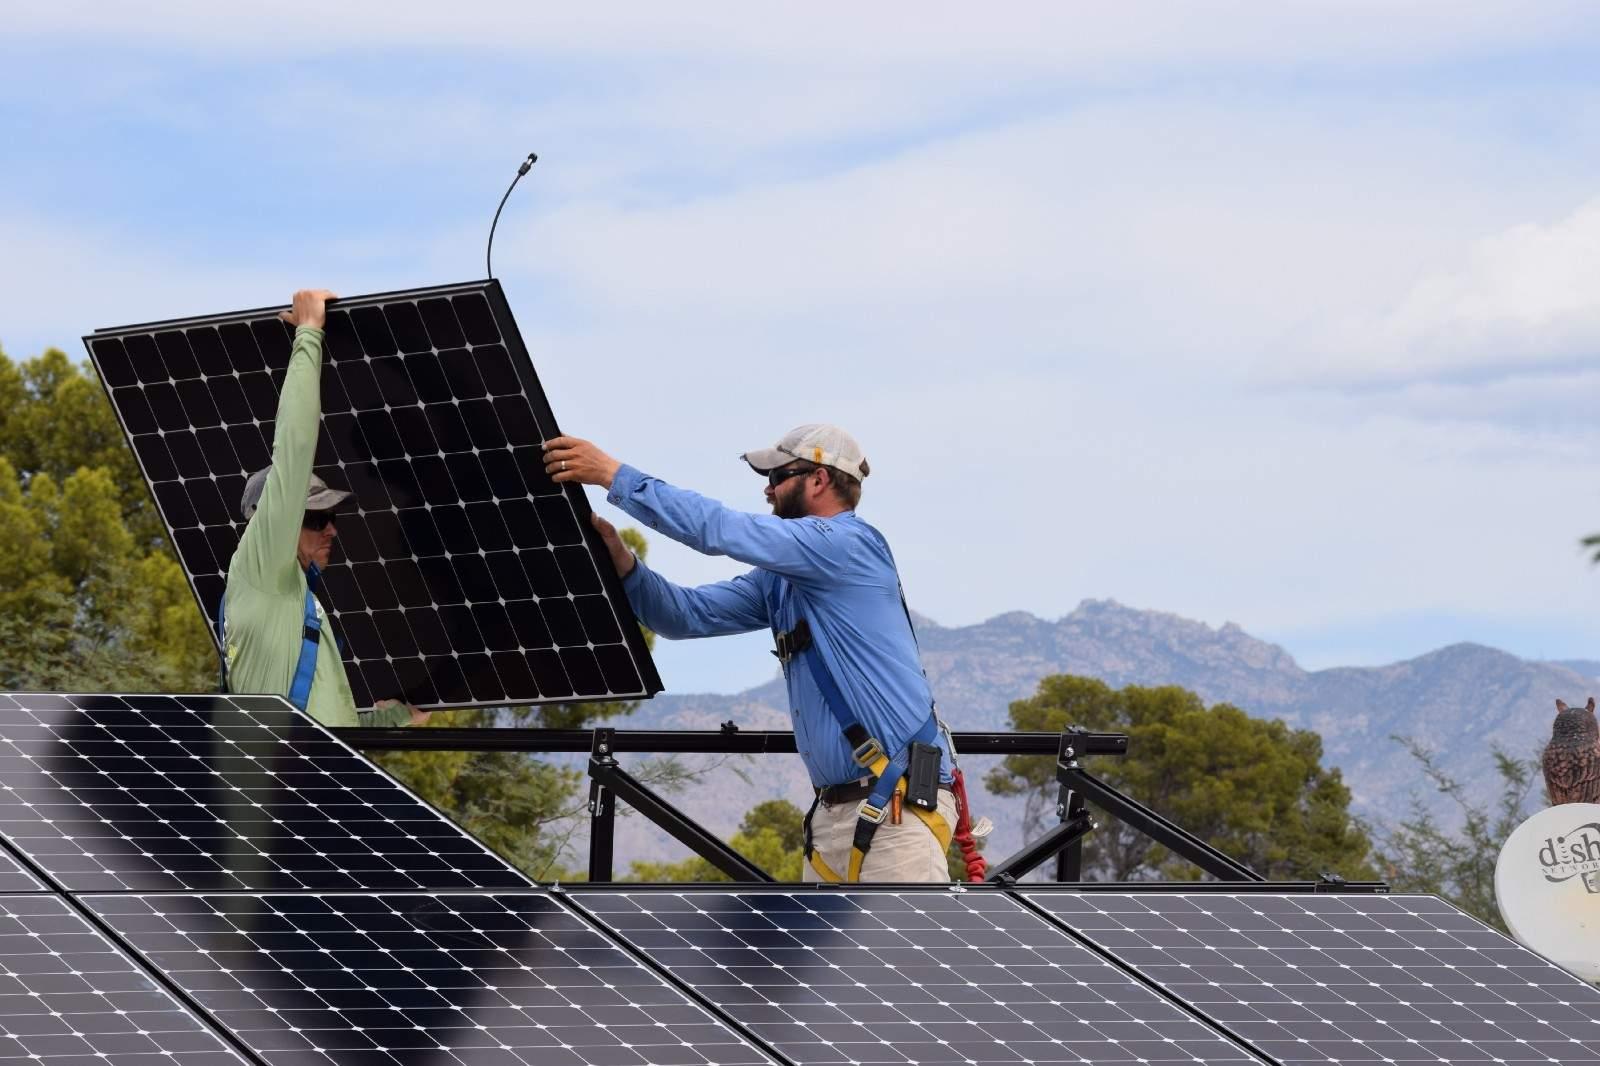 Lead installer Travis Kendall, helping install solar panels